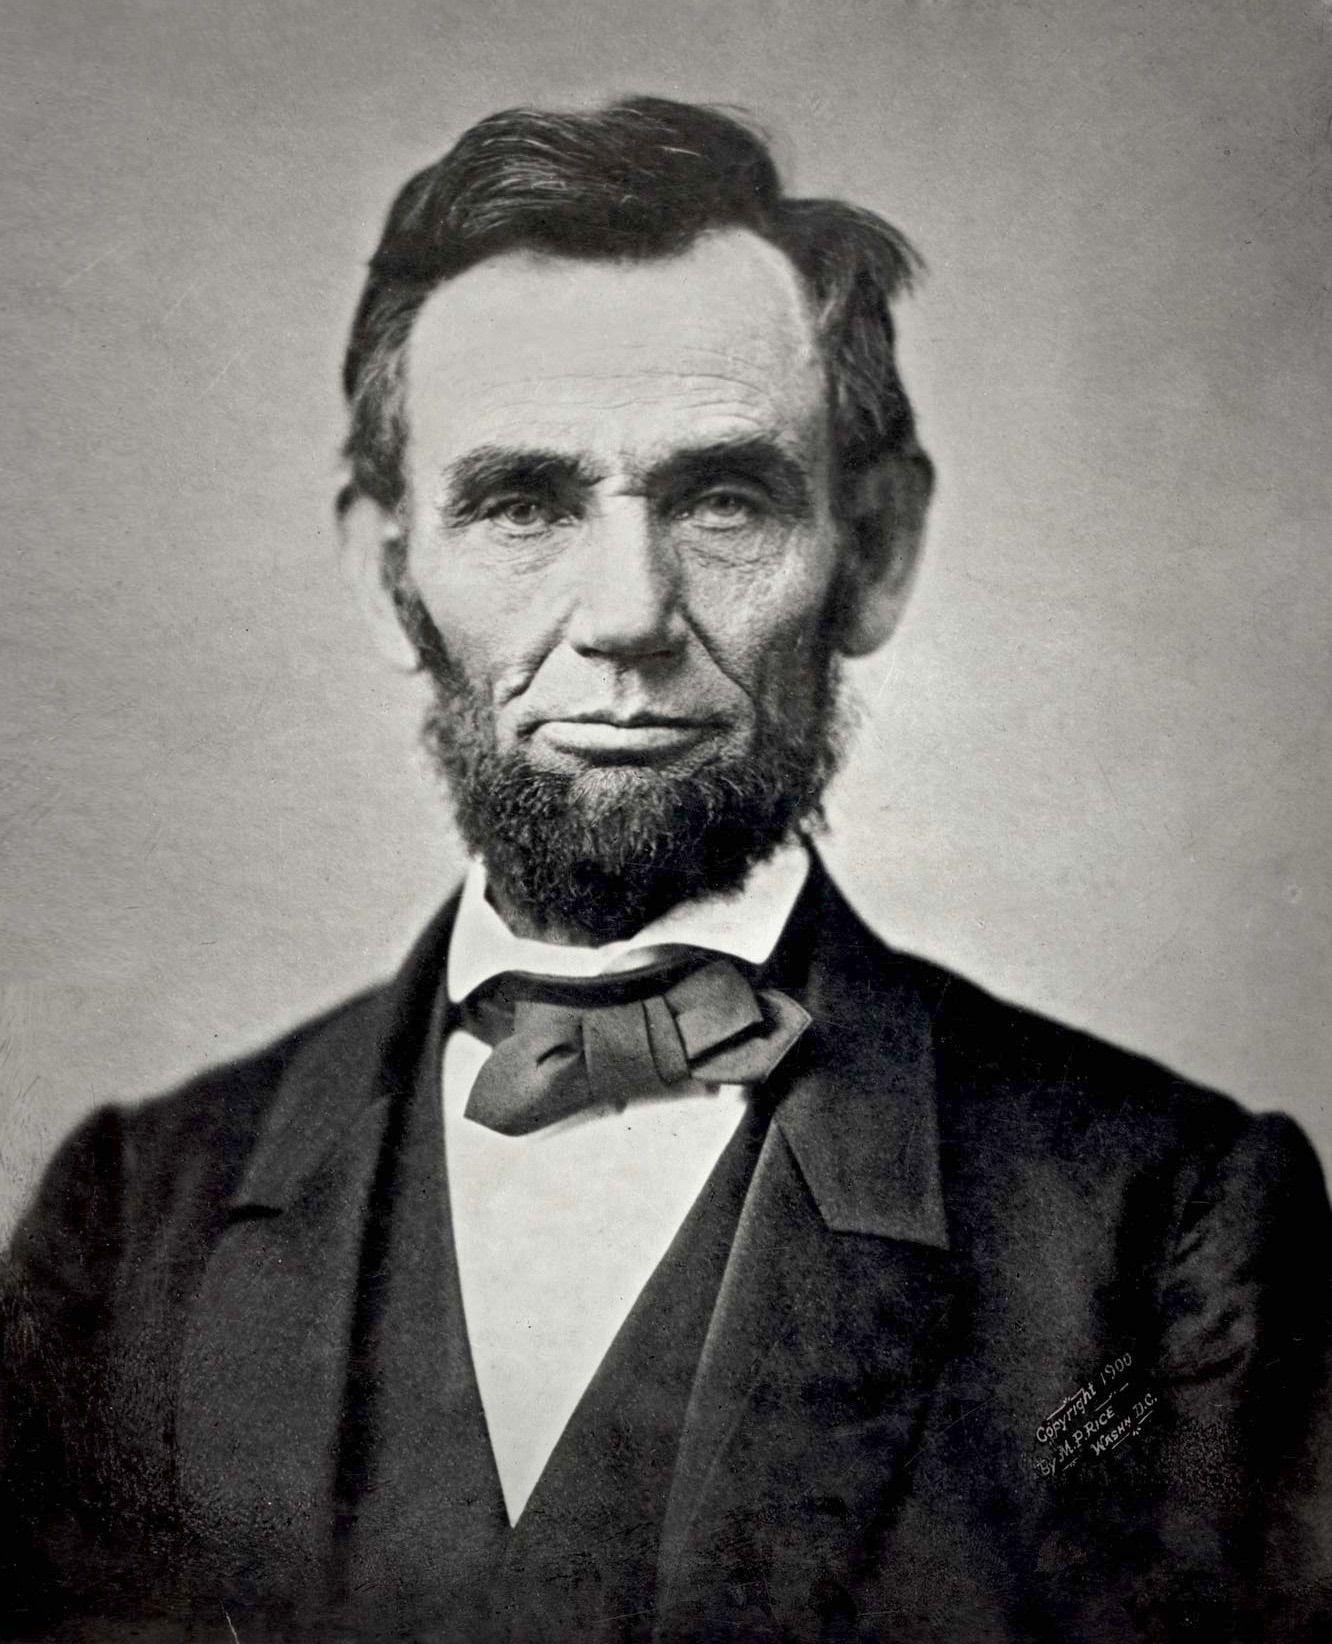 Alvorligere ansikt skal du lete lenge etter. «The Gettysburg Portrait» av Abraham Lincoln. (Foto: Alexander Gardner, daguerreotypi 1863)